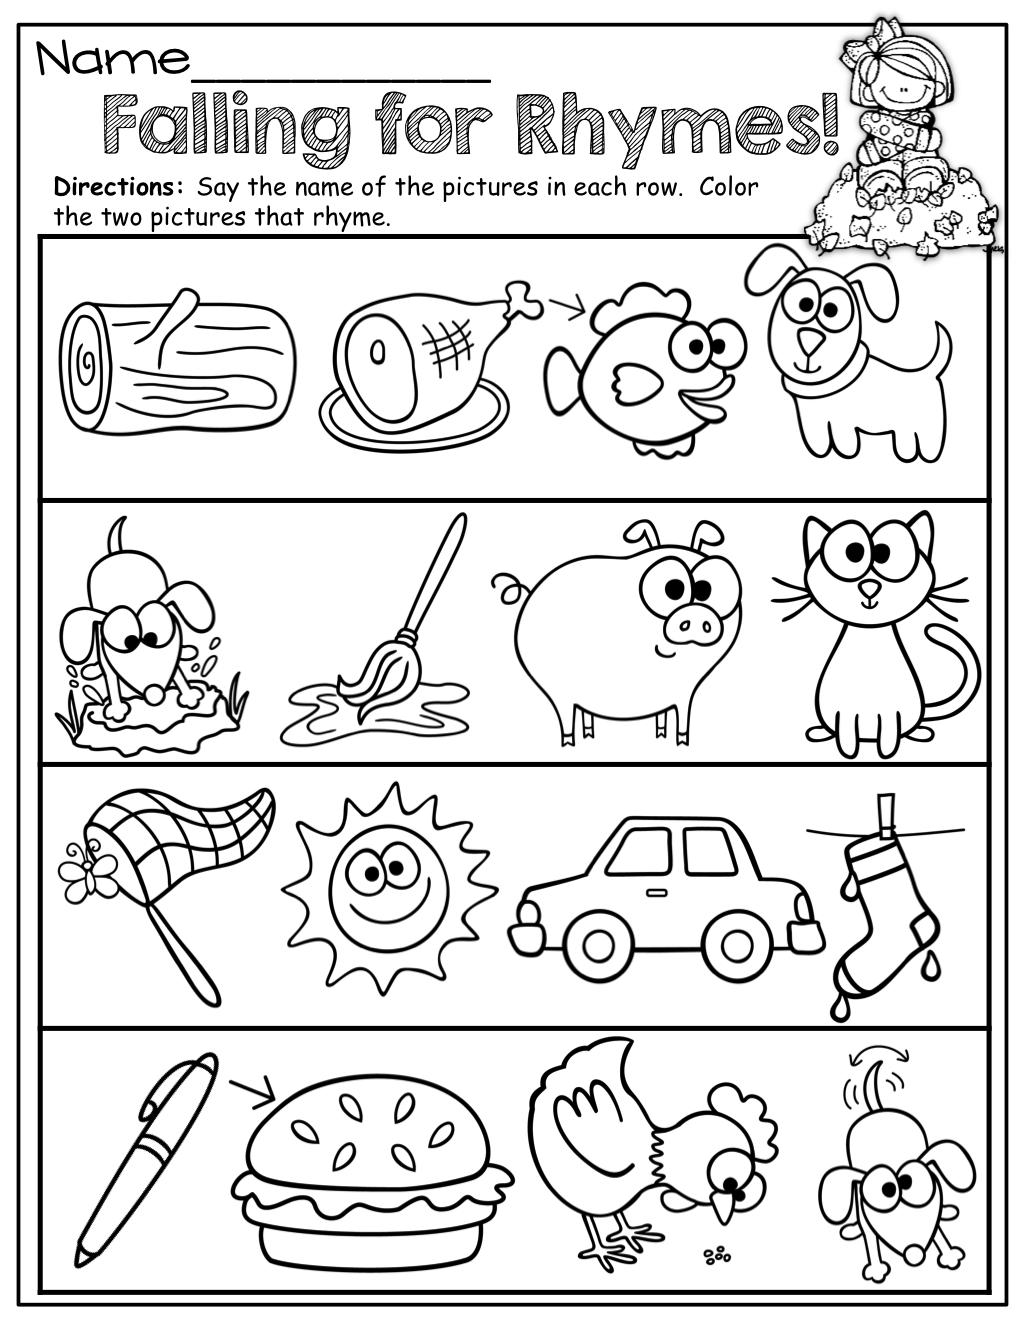 Rhyming Worksheets For Kindergarten